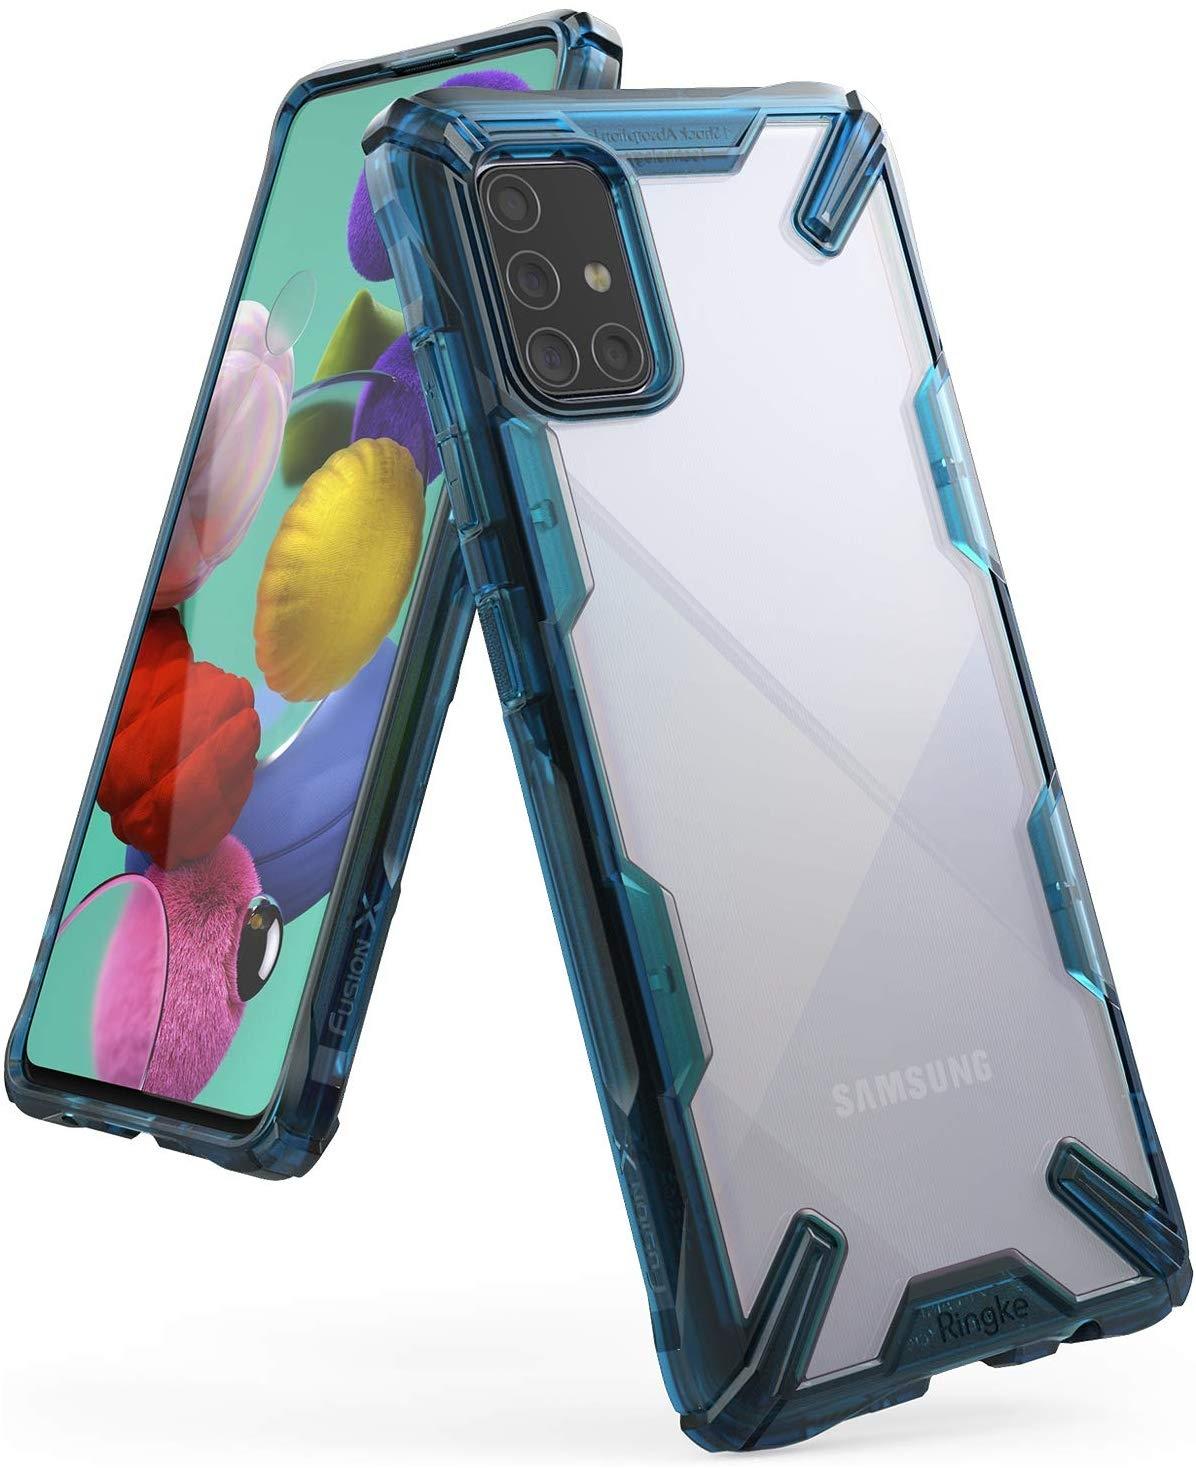 Ringke Fusion X Θήκη Σιλικόνης Samsung Galaxy A71 - Space Blue (61622)